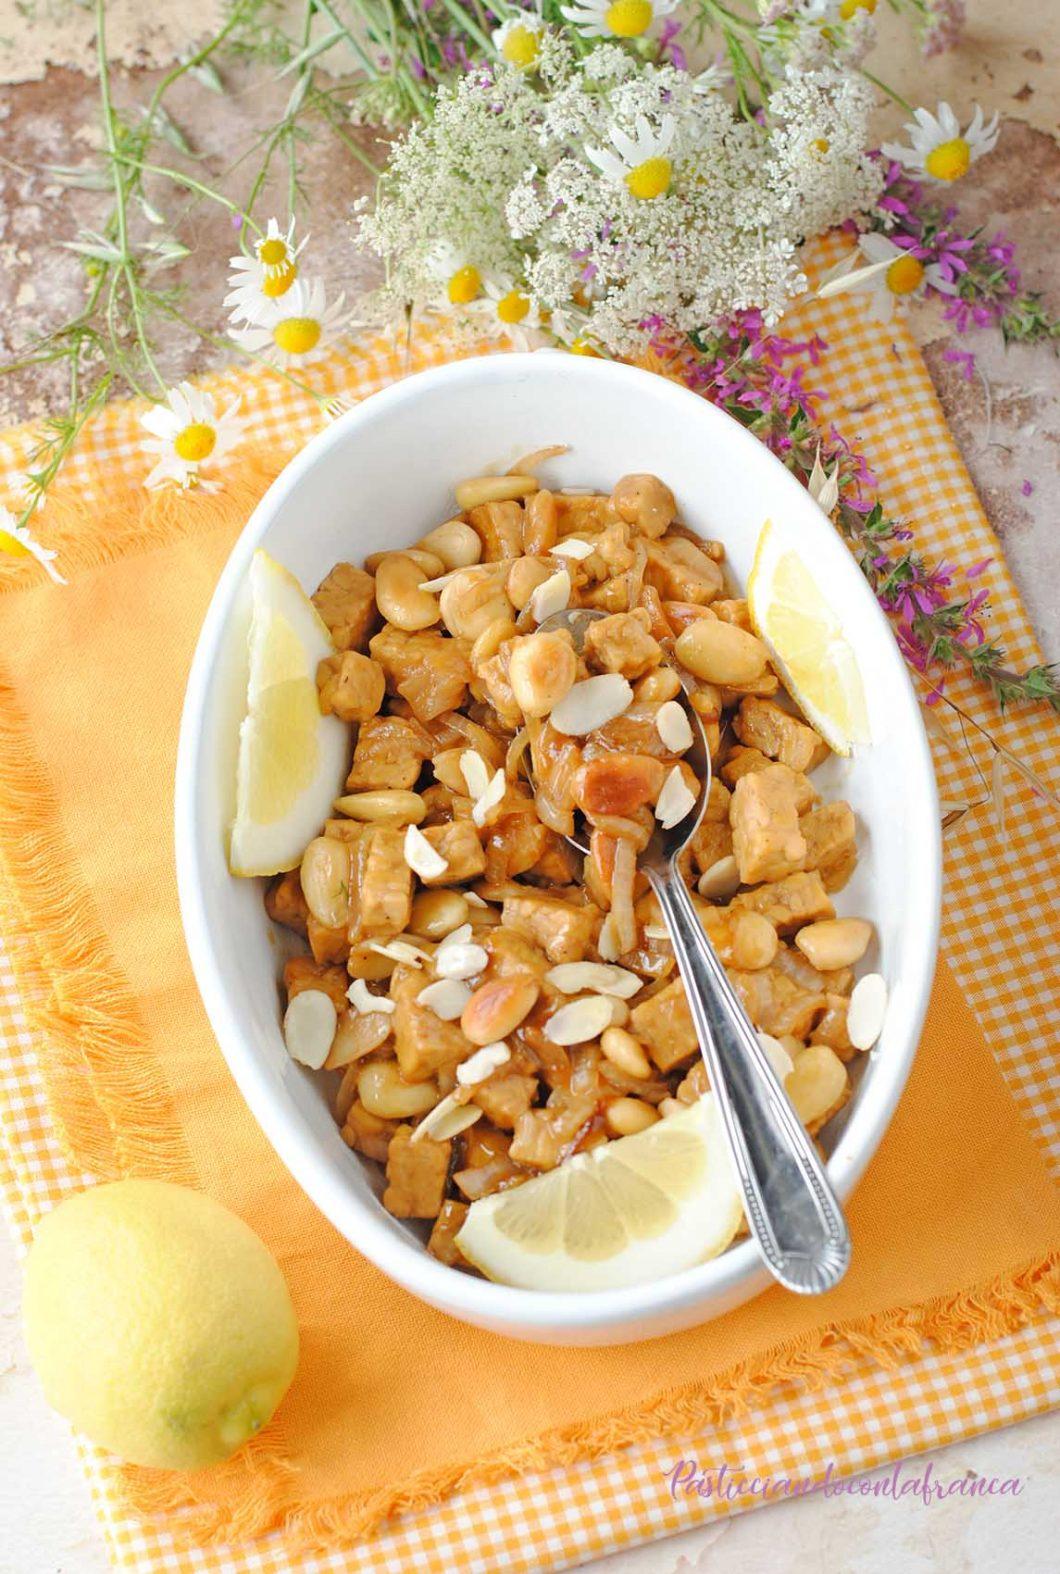 questa immagine rappresenta tempeh Mandorle e Limone ricetta di pasticciandoconlafranca